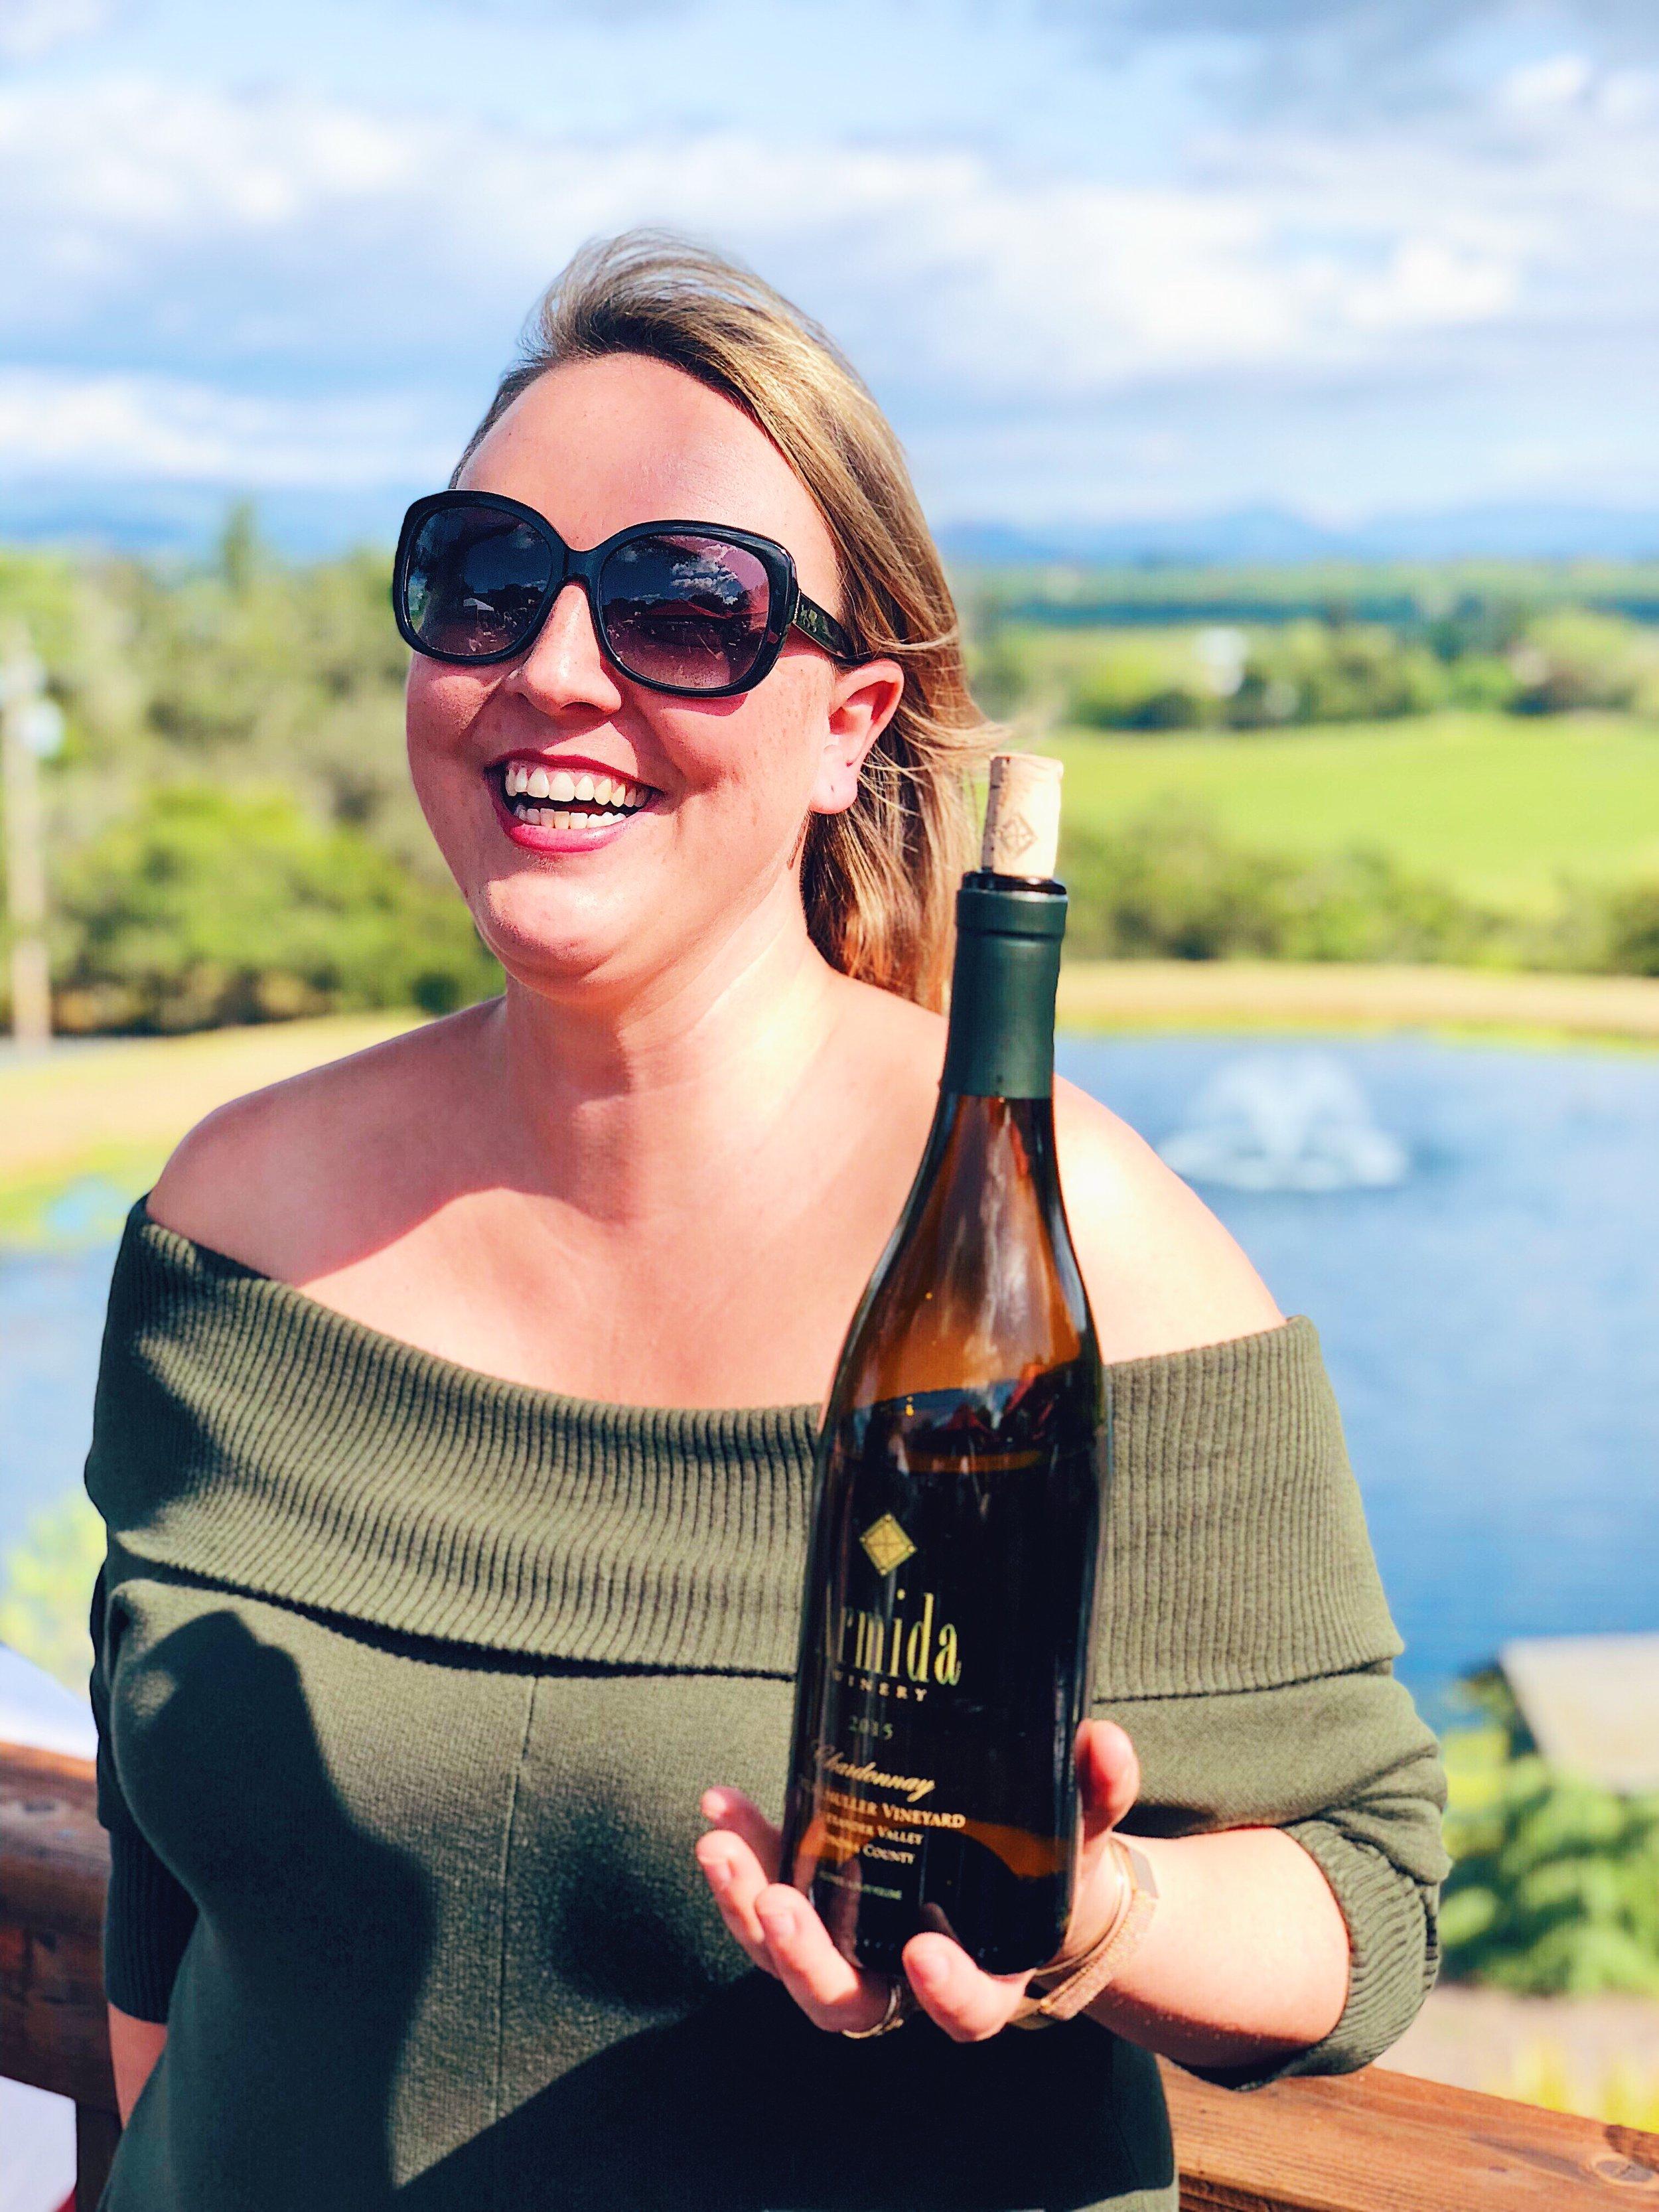 Sonoma Wine Life Armida Winery Tasting